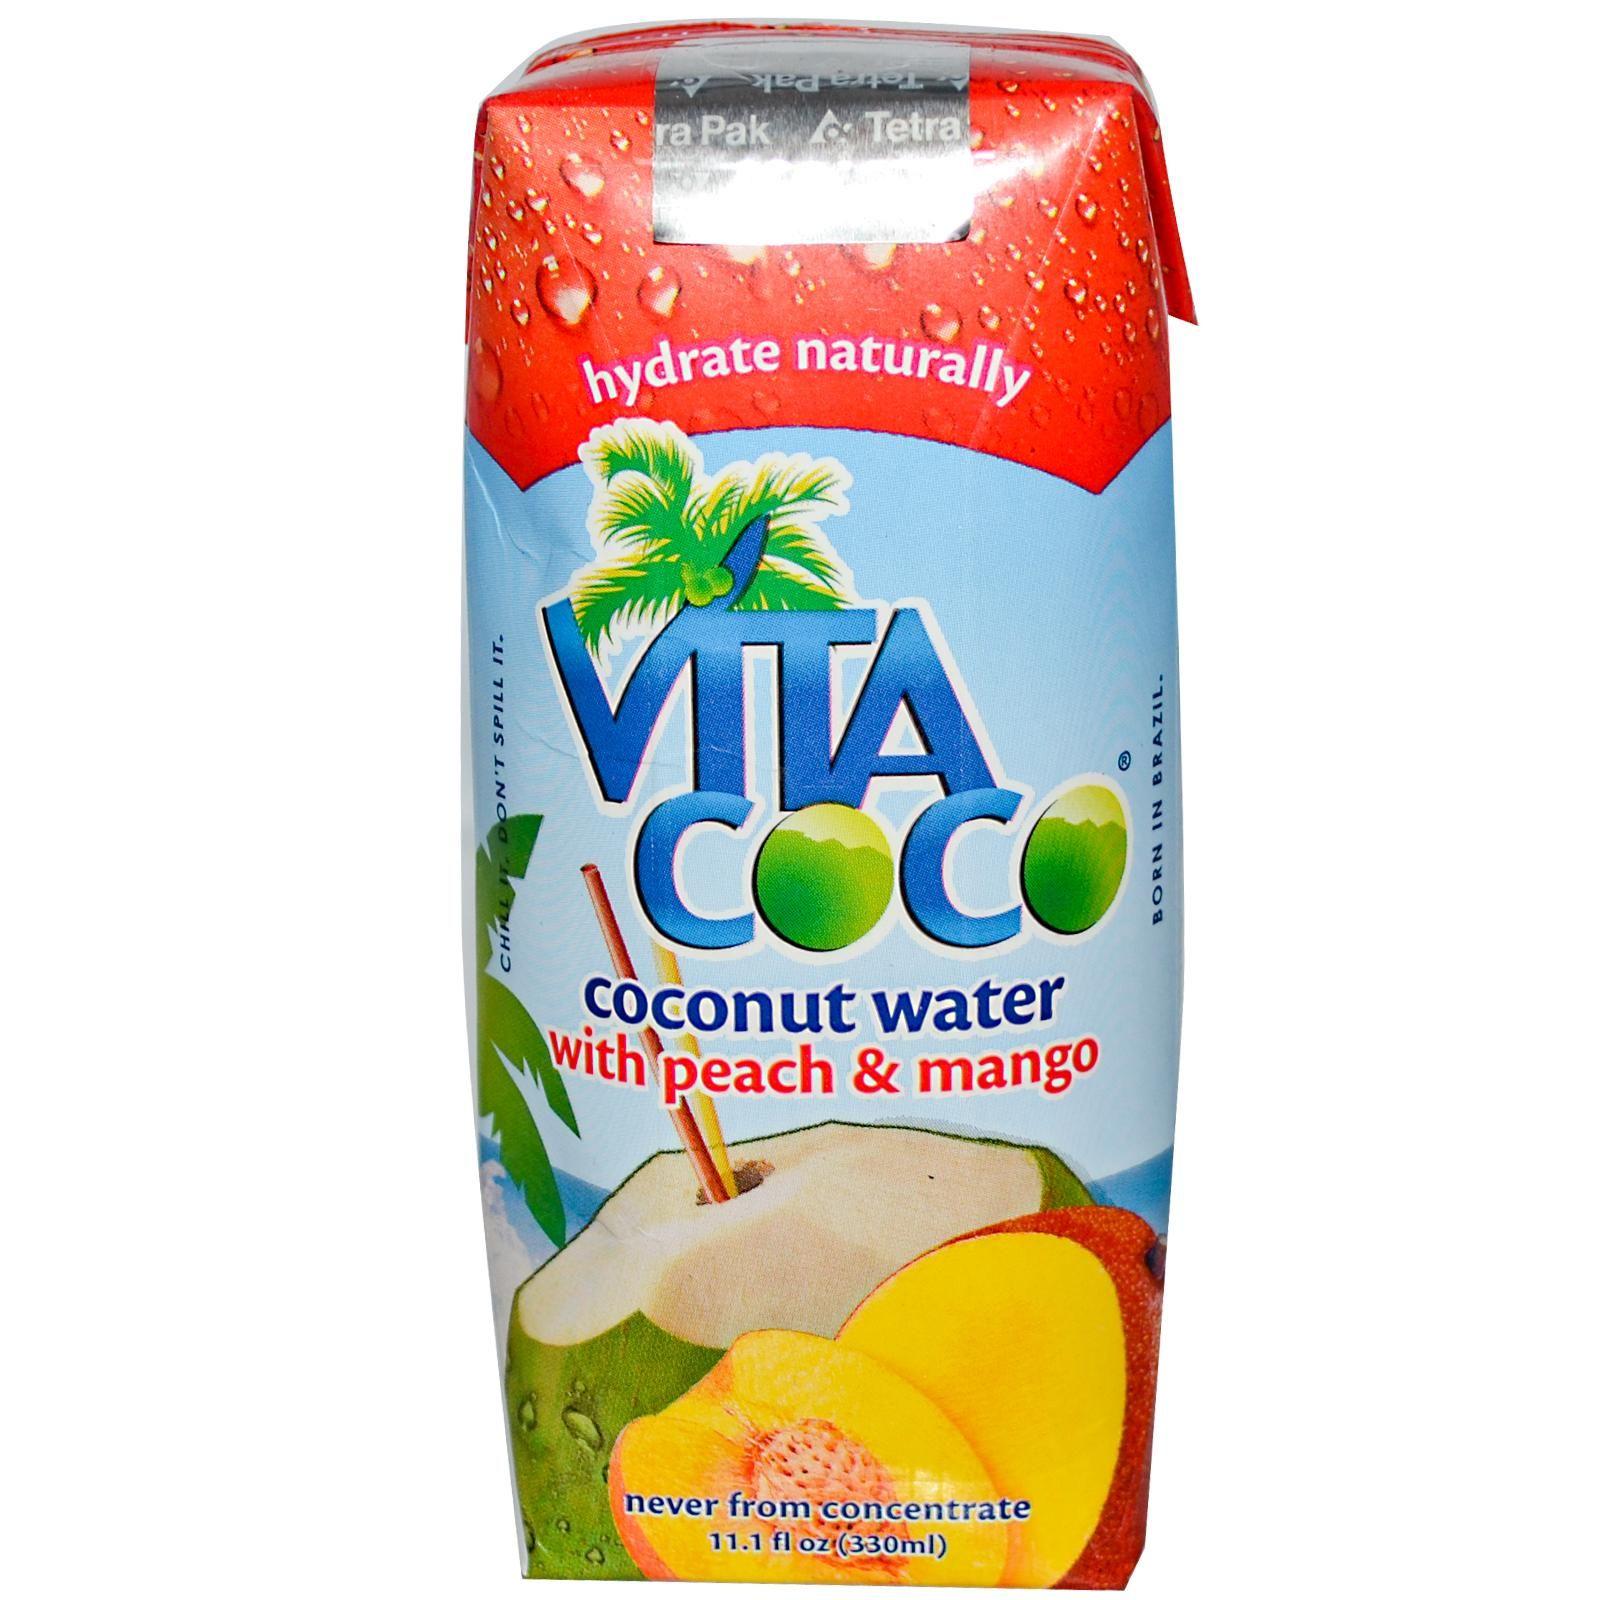 Vita Coco, Coconut Water with Peach & Mango, 11.1 fl oz (330 ml) - iHerb.com. Bruk gjerne rabattkoden min (CEC956) hvis du vil handle på iHerb for første gang. Da får du $5 i rabatt på din første ordre (eller $10 om du handler for over $40), og jeg blir kjempeglad, siden jeg får poeng som jeg kan handle for på iHerb. :-)